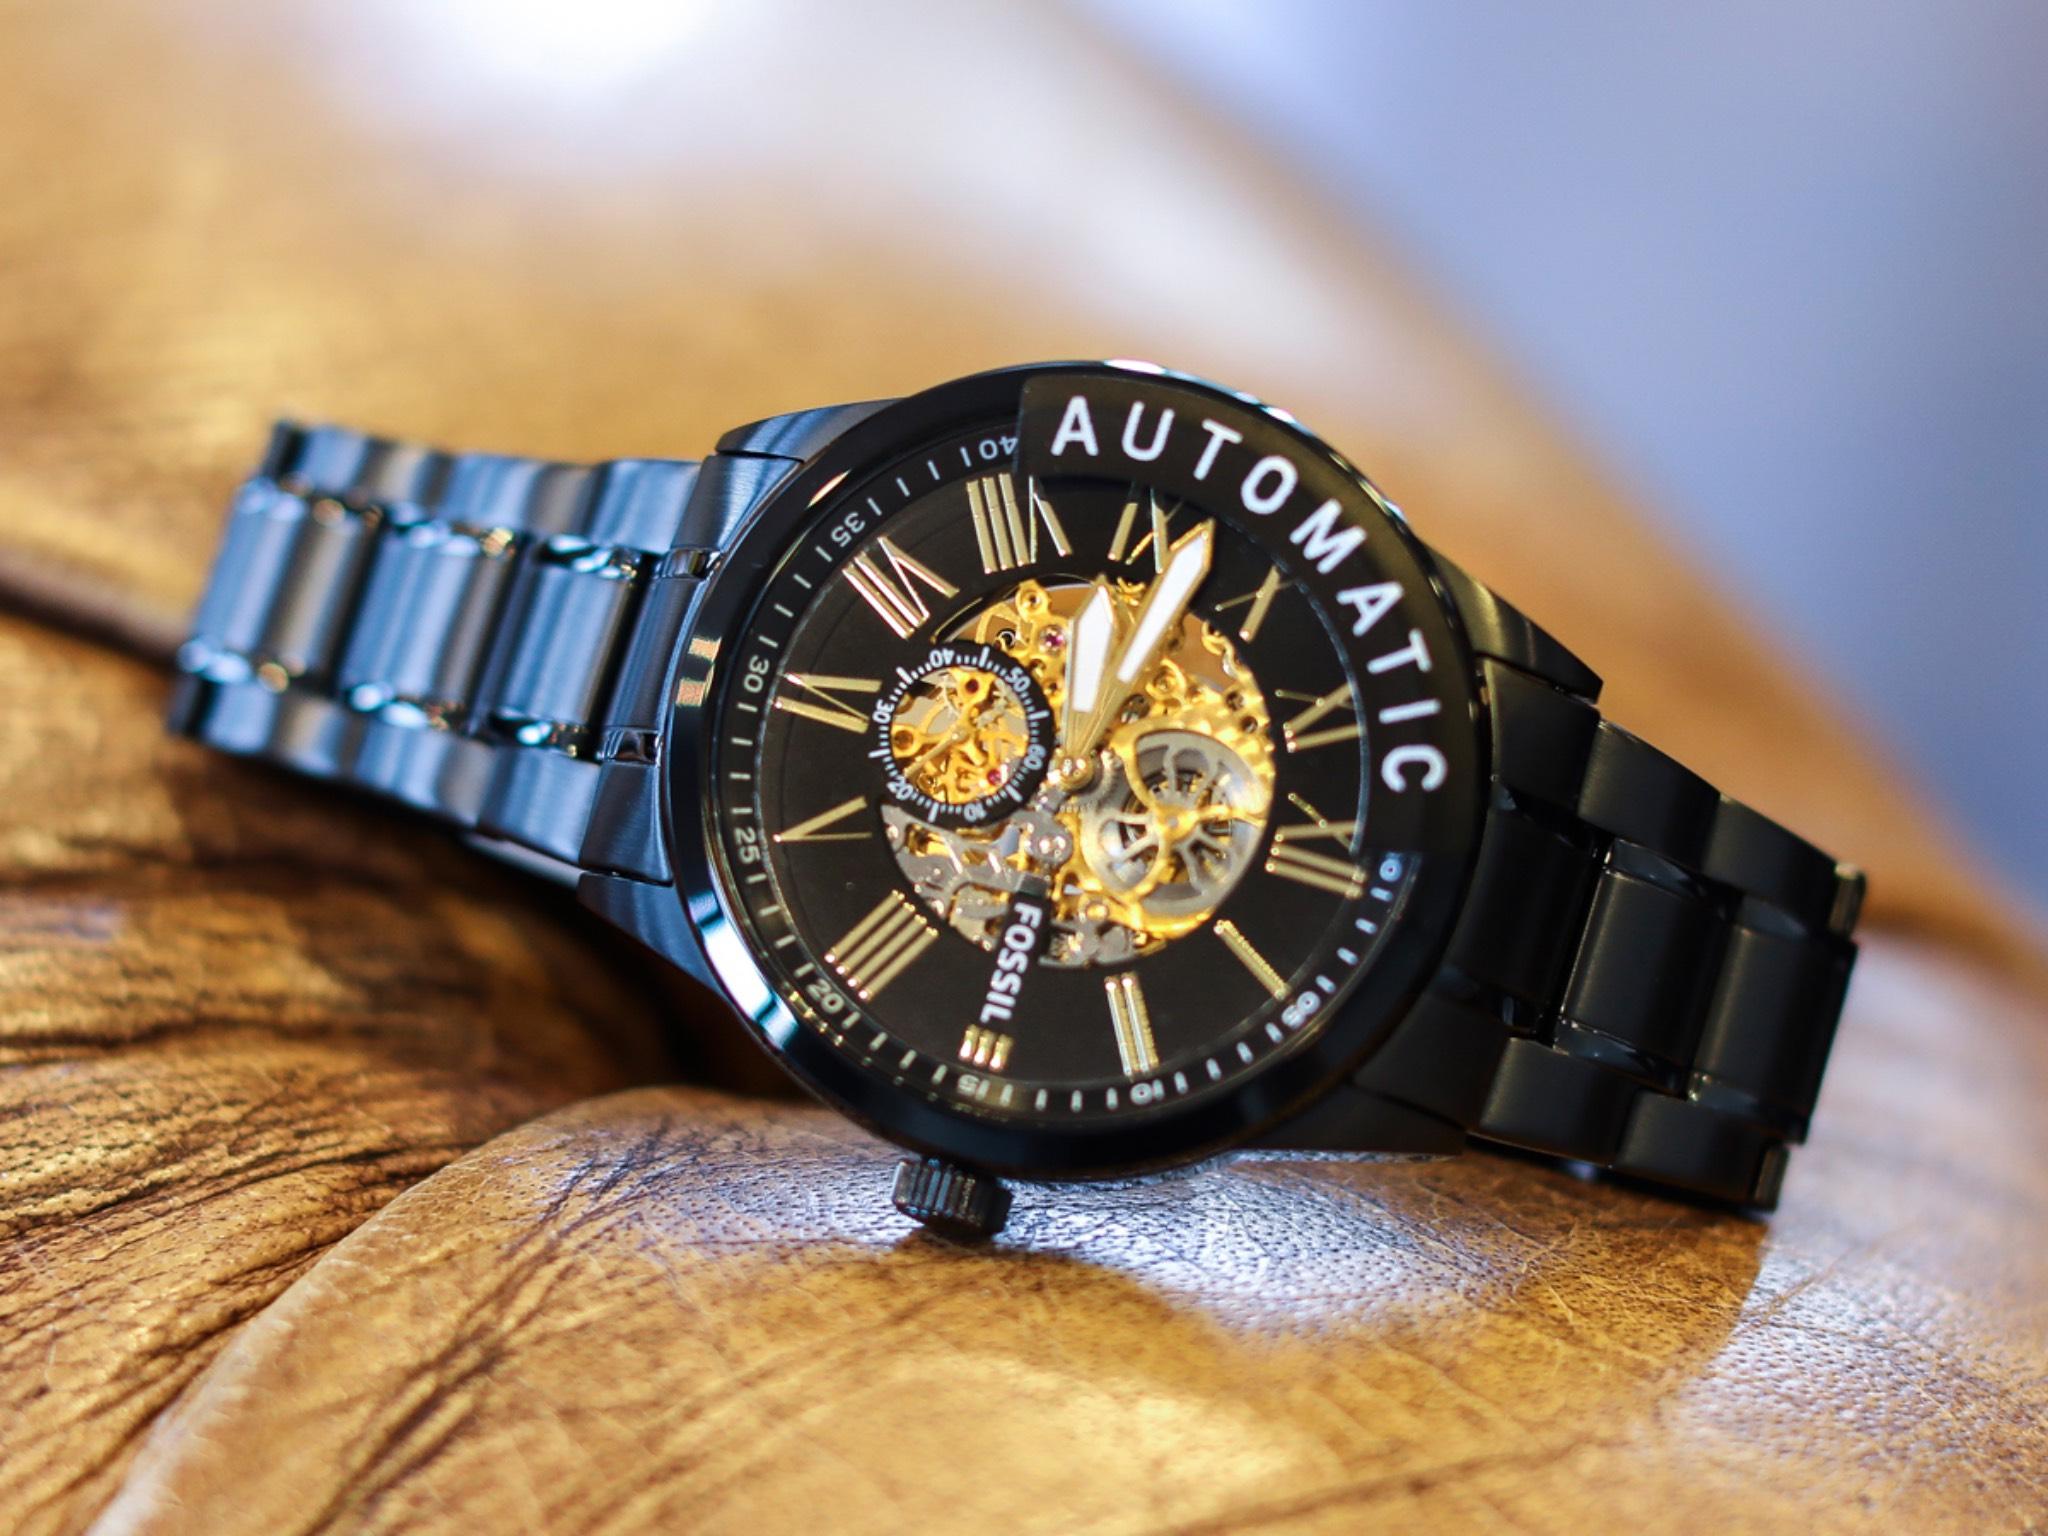 Schöne Armbanduhr von Fossil. Foto: Wertheim Village